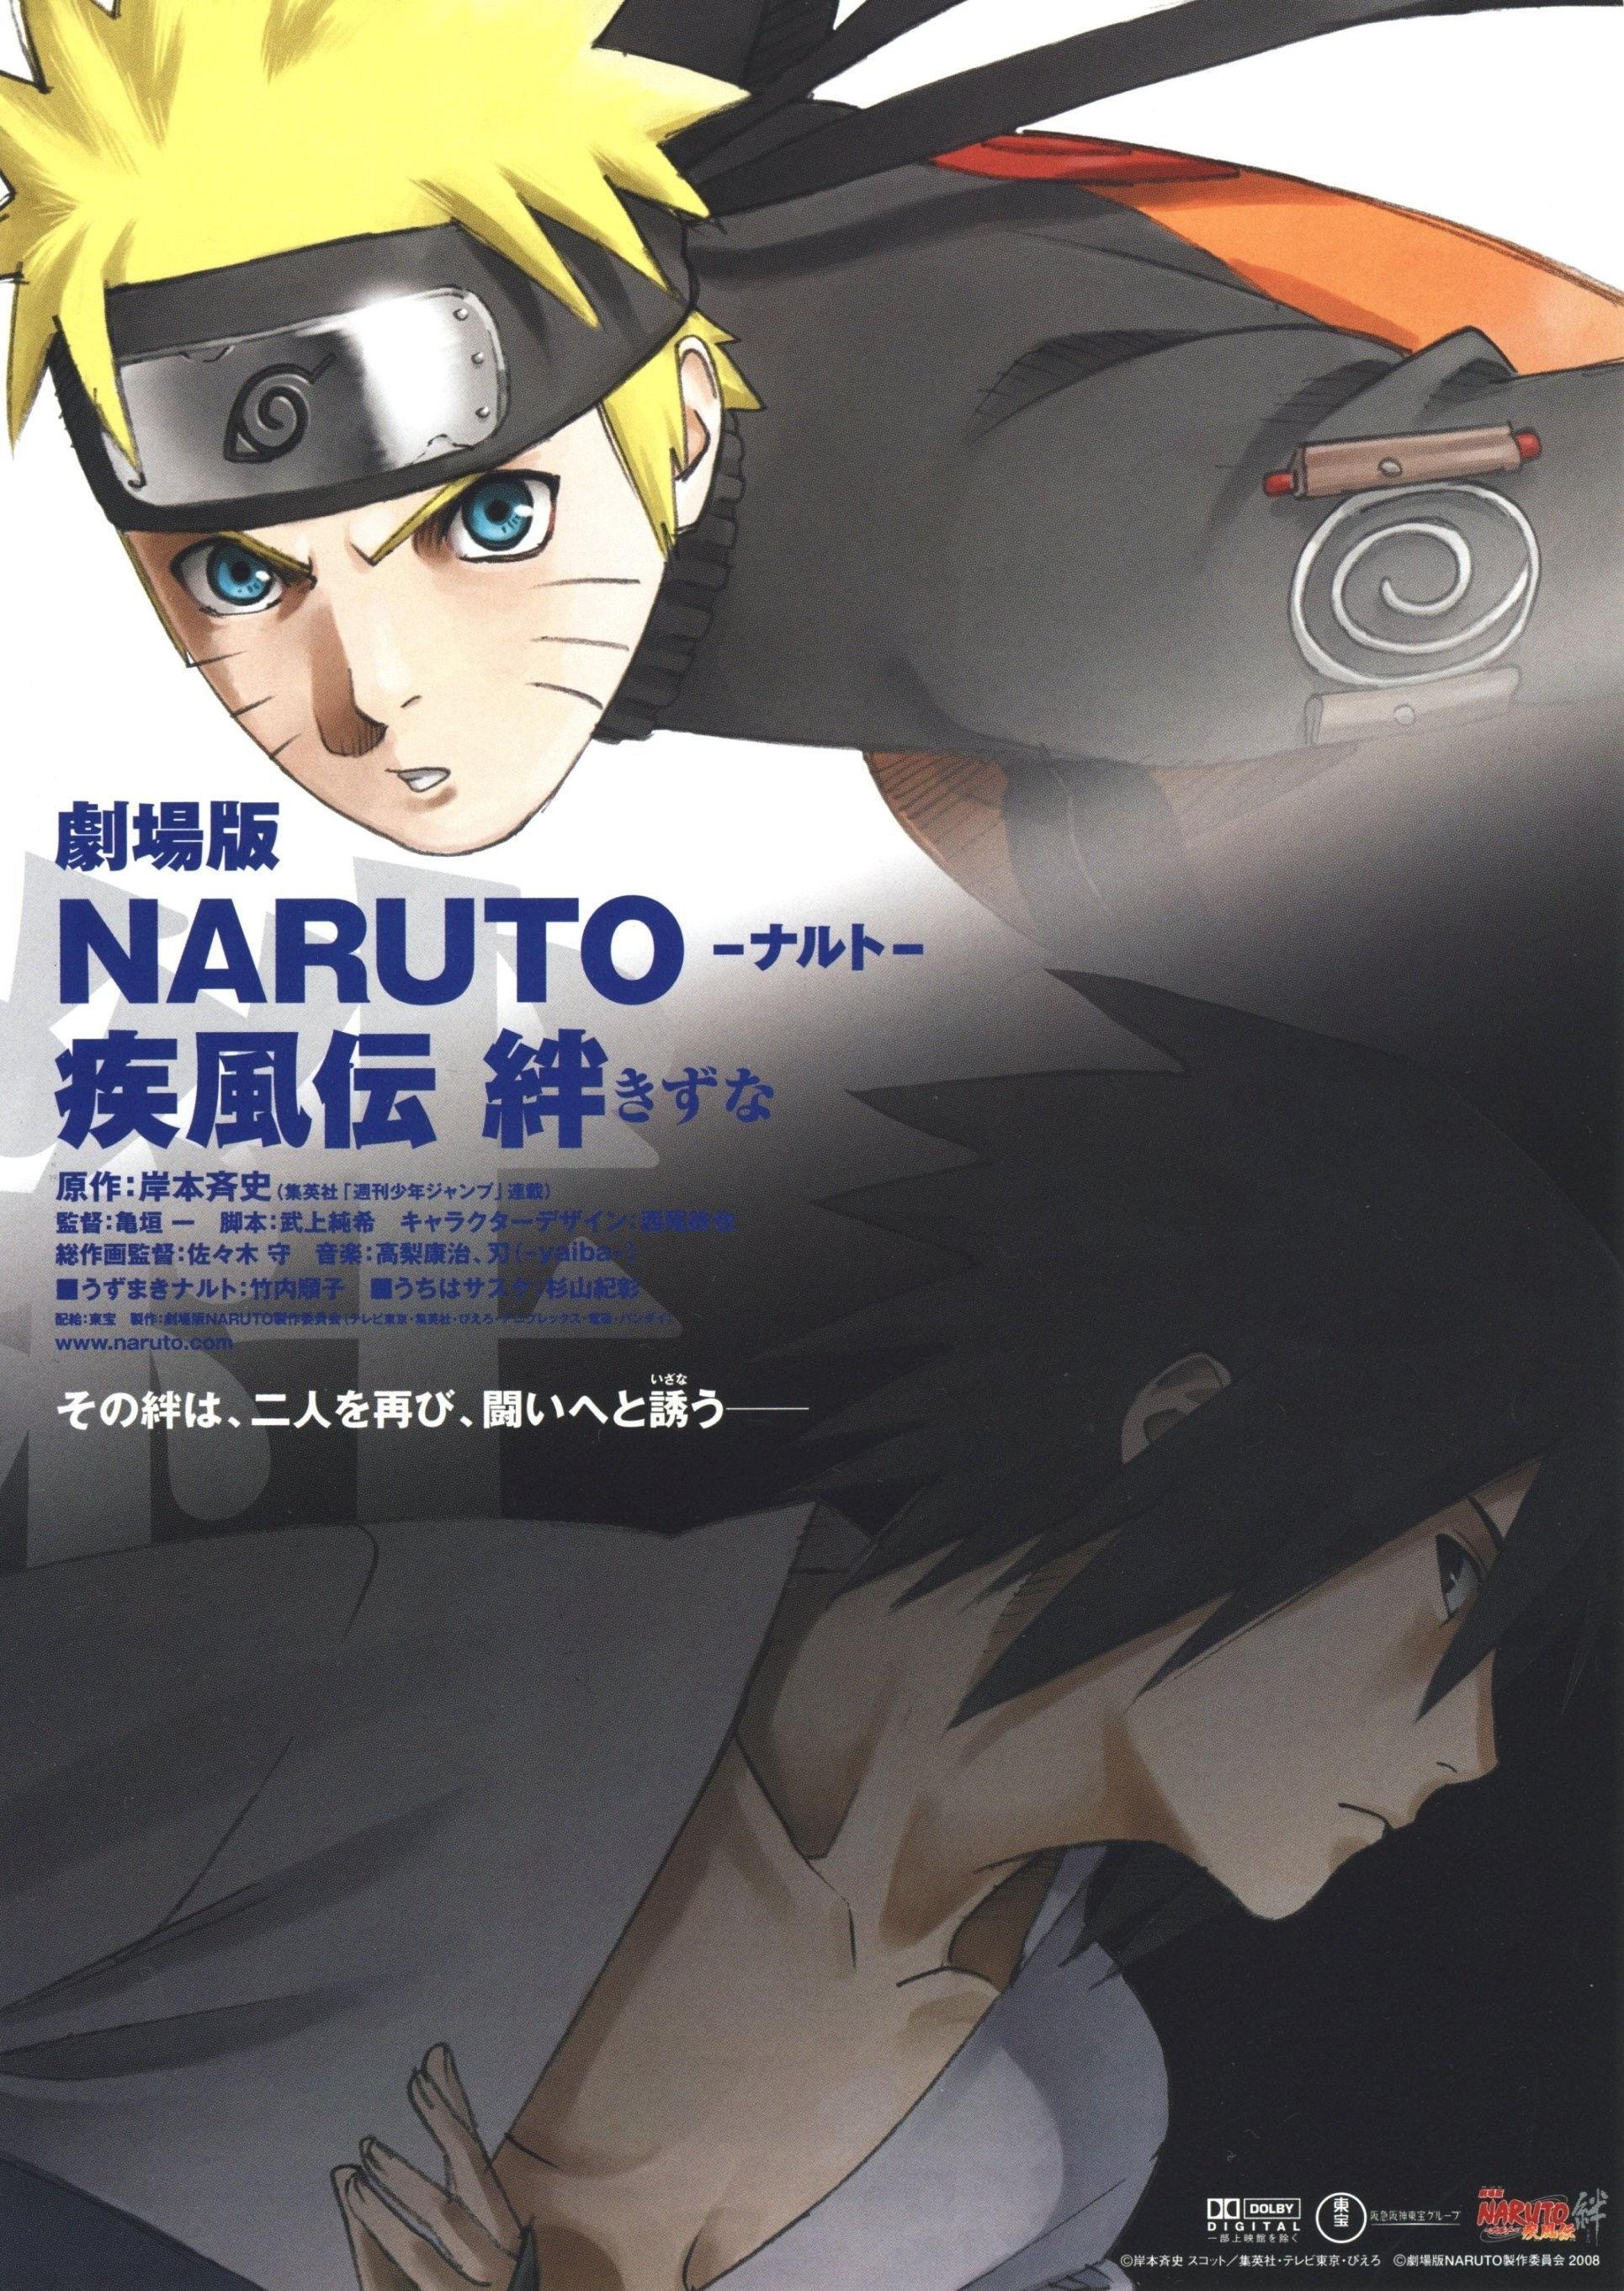 Naruto: Shippuuden Movie 2 - Kizuna Subtitle Indonesia